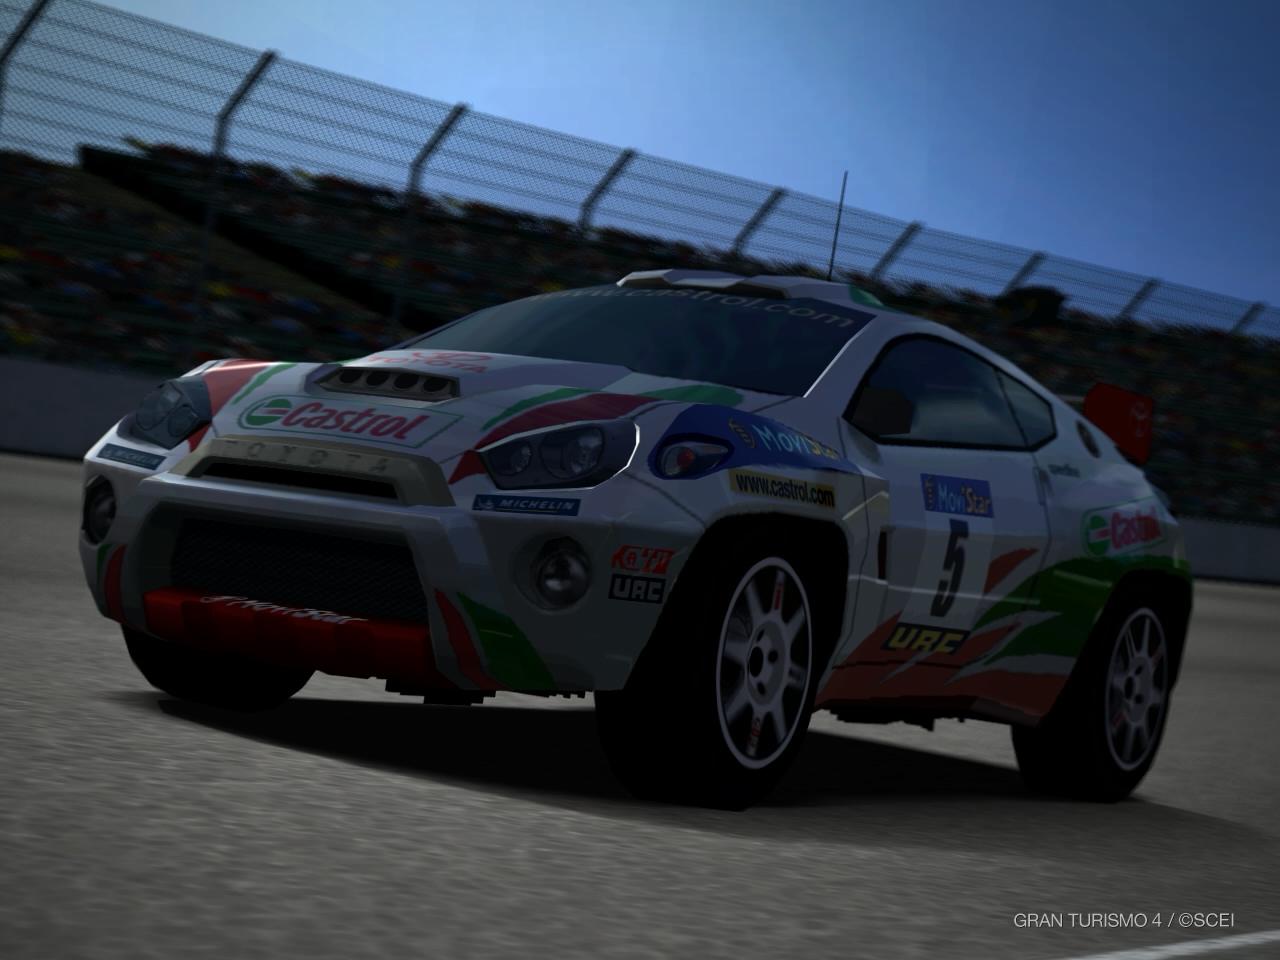 Toyota RSC Rally Raid Car | Gran Turismo Wiki | FANDOM powered by Wikia